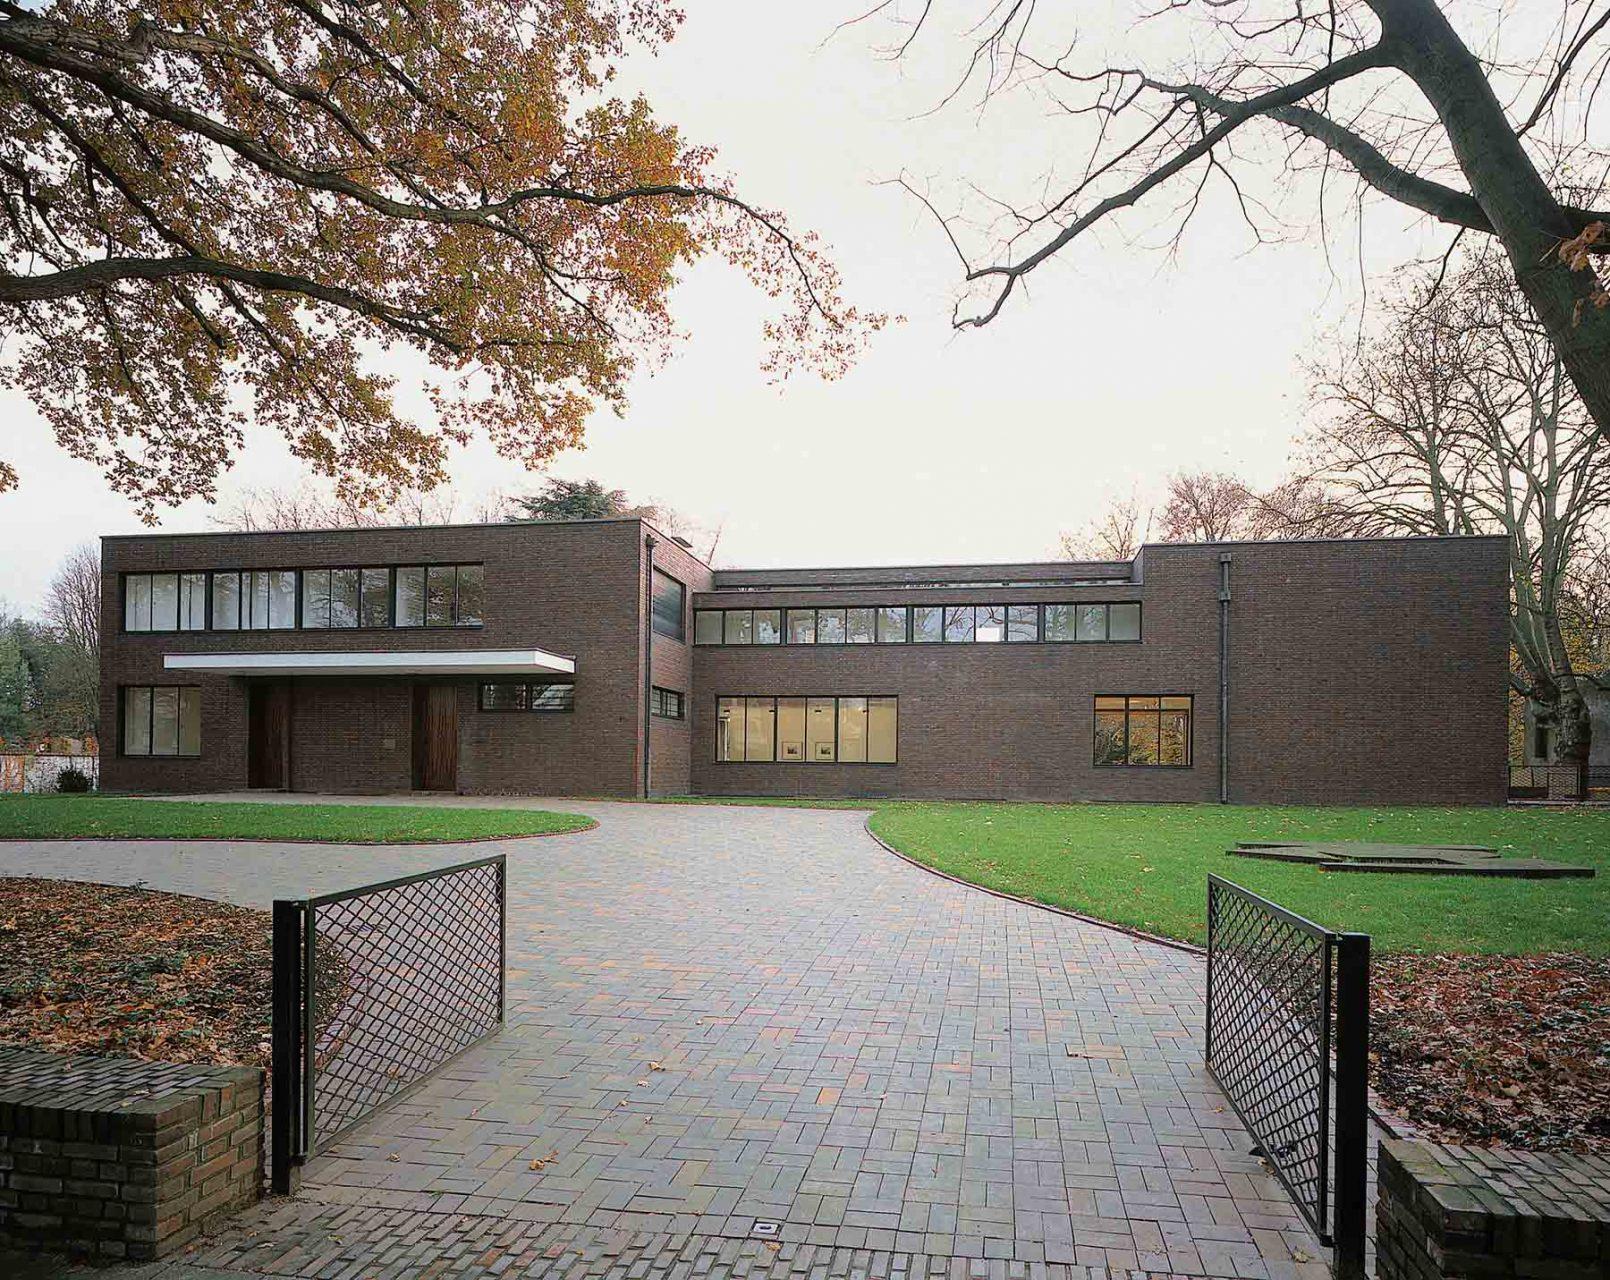 Haus Lange. Die Direktorenvillen wurden nach den Plänen von Mies van der Rohe zwischen 1927 und 1930 errichtet.